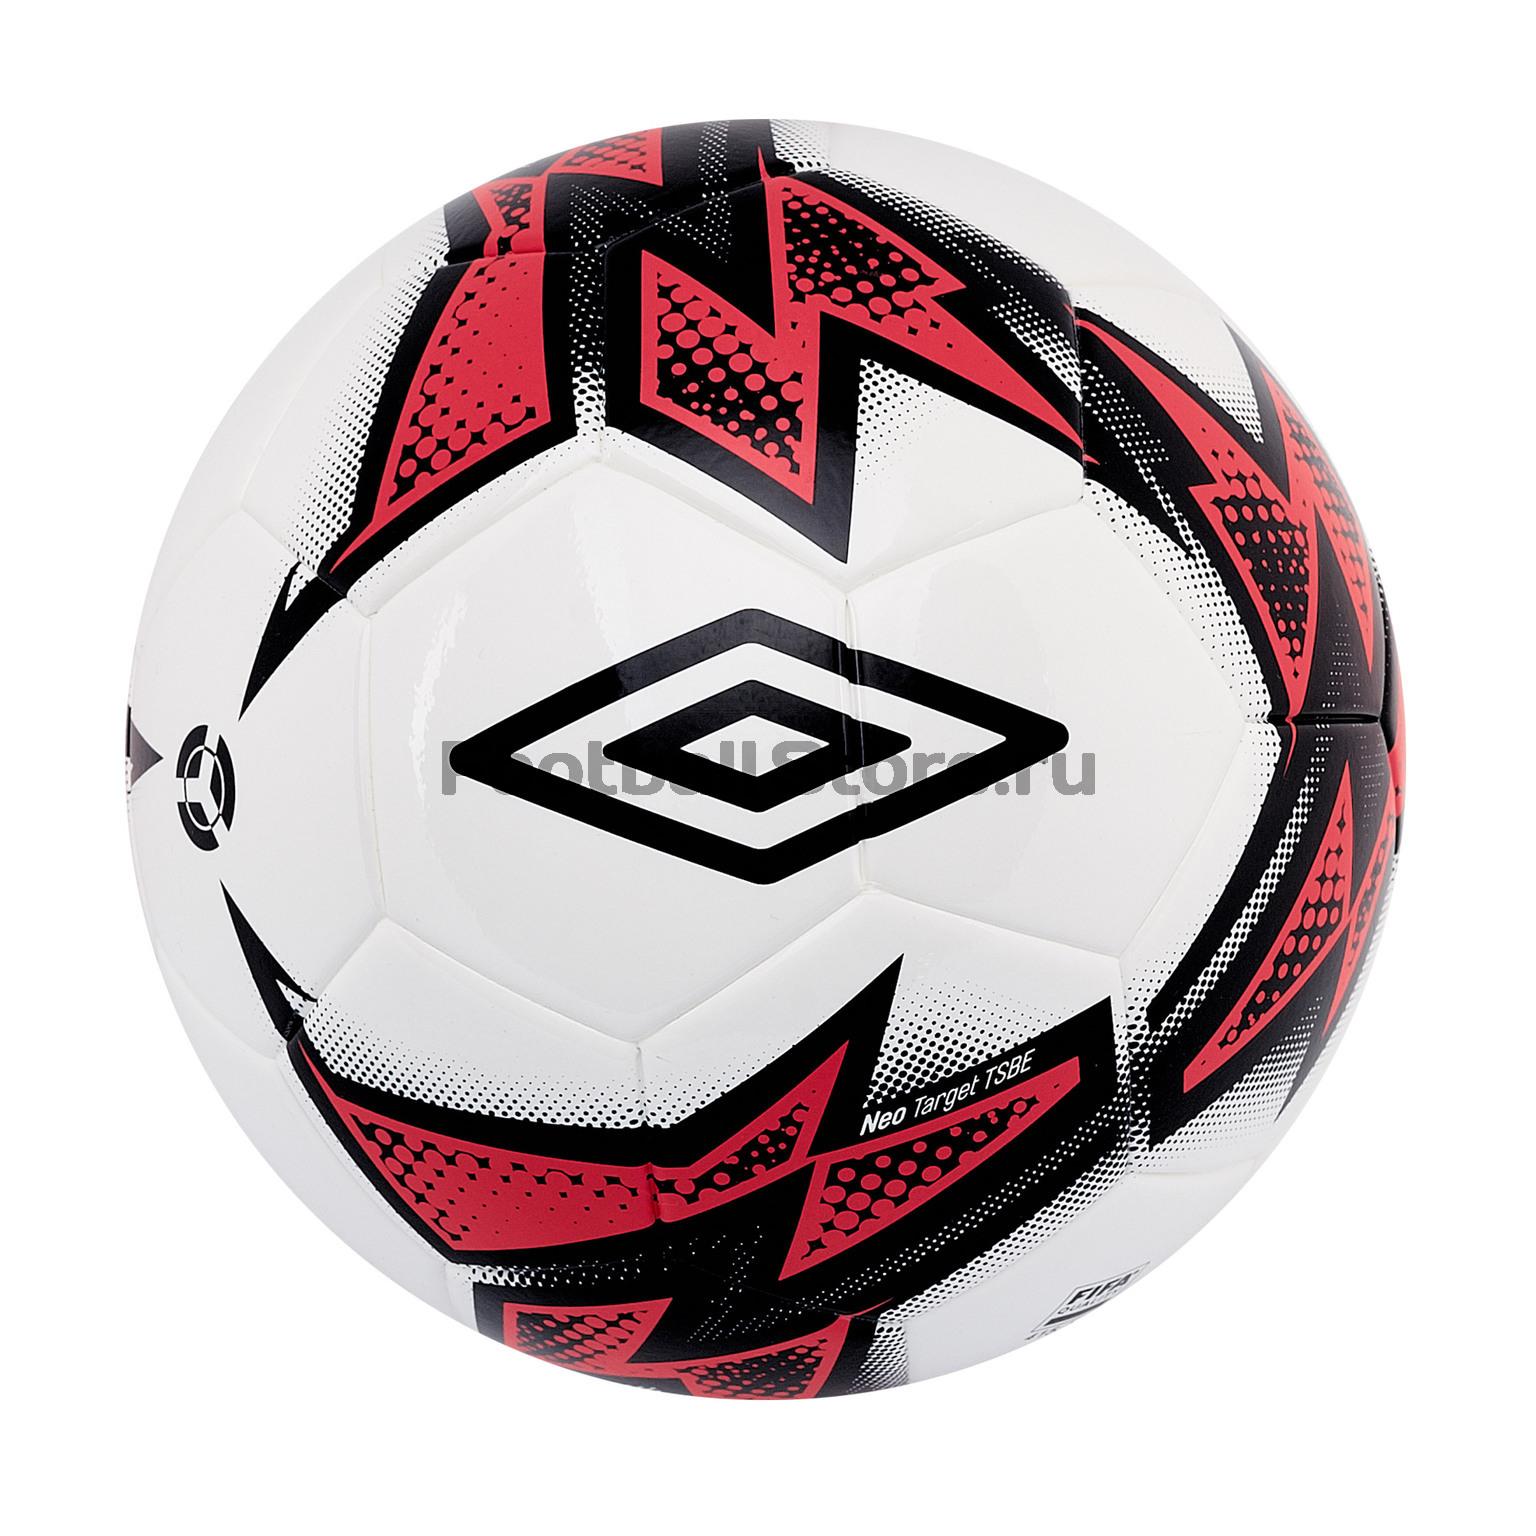 Футбольный мяч Umbro Neo Target 20863U мяч футбольный р 5 umbro neo league 20865u fcx